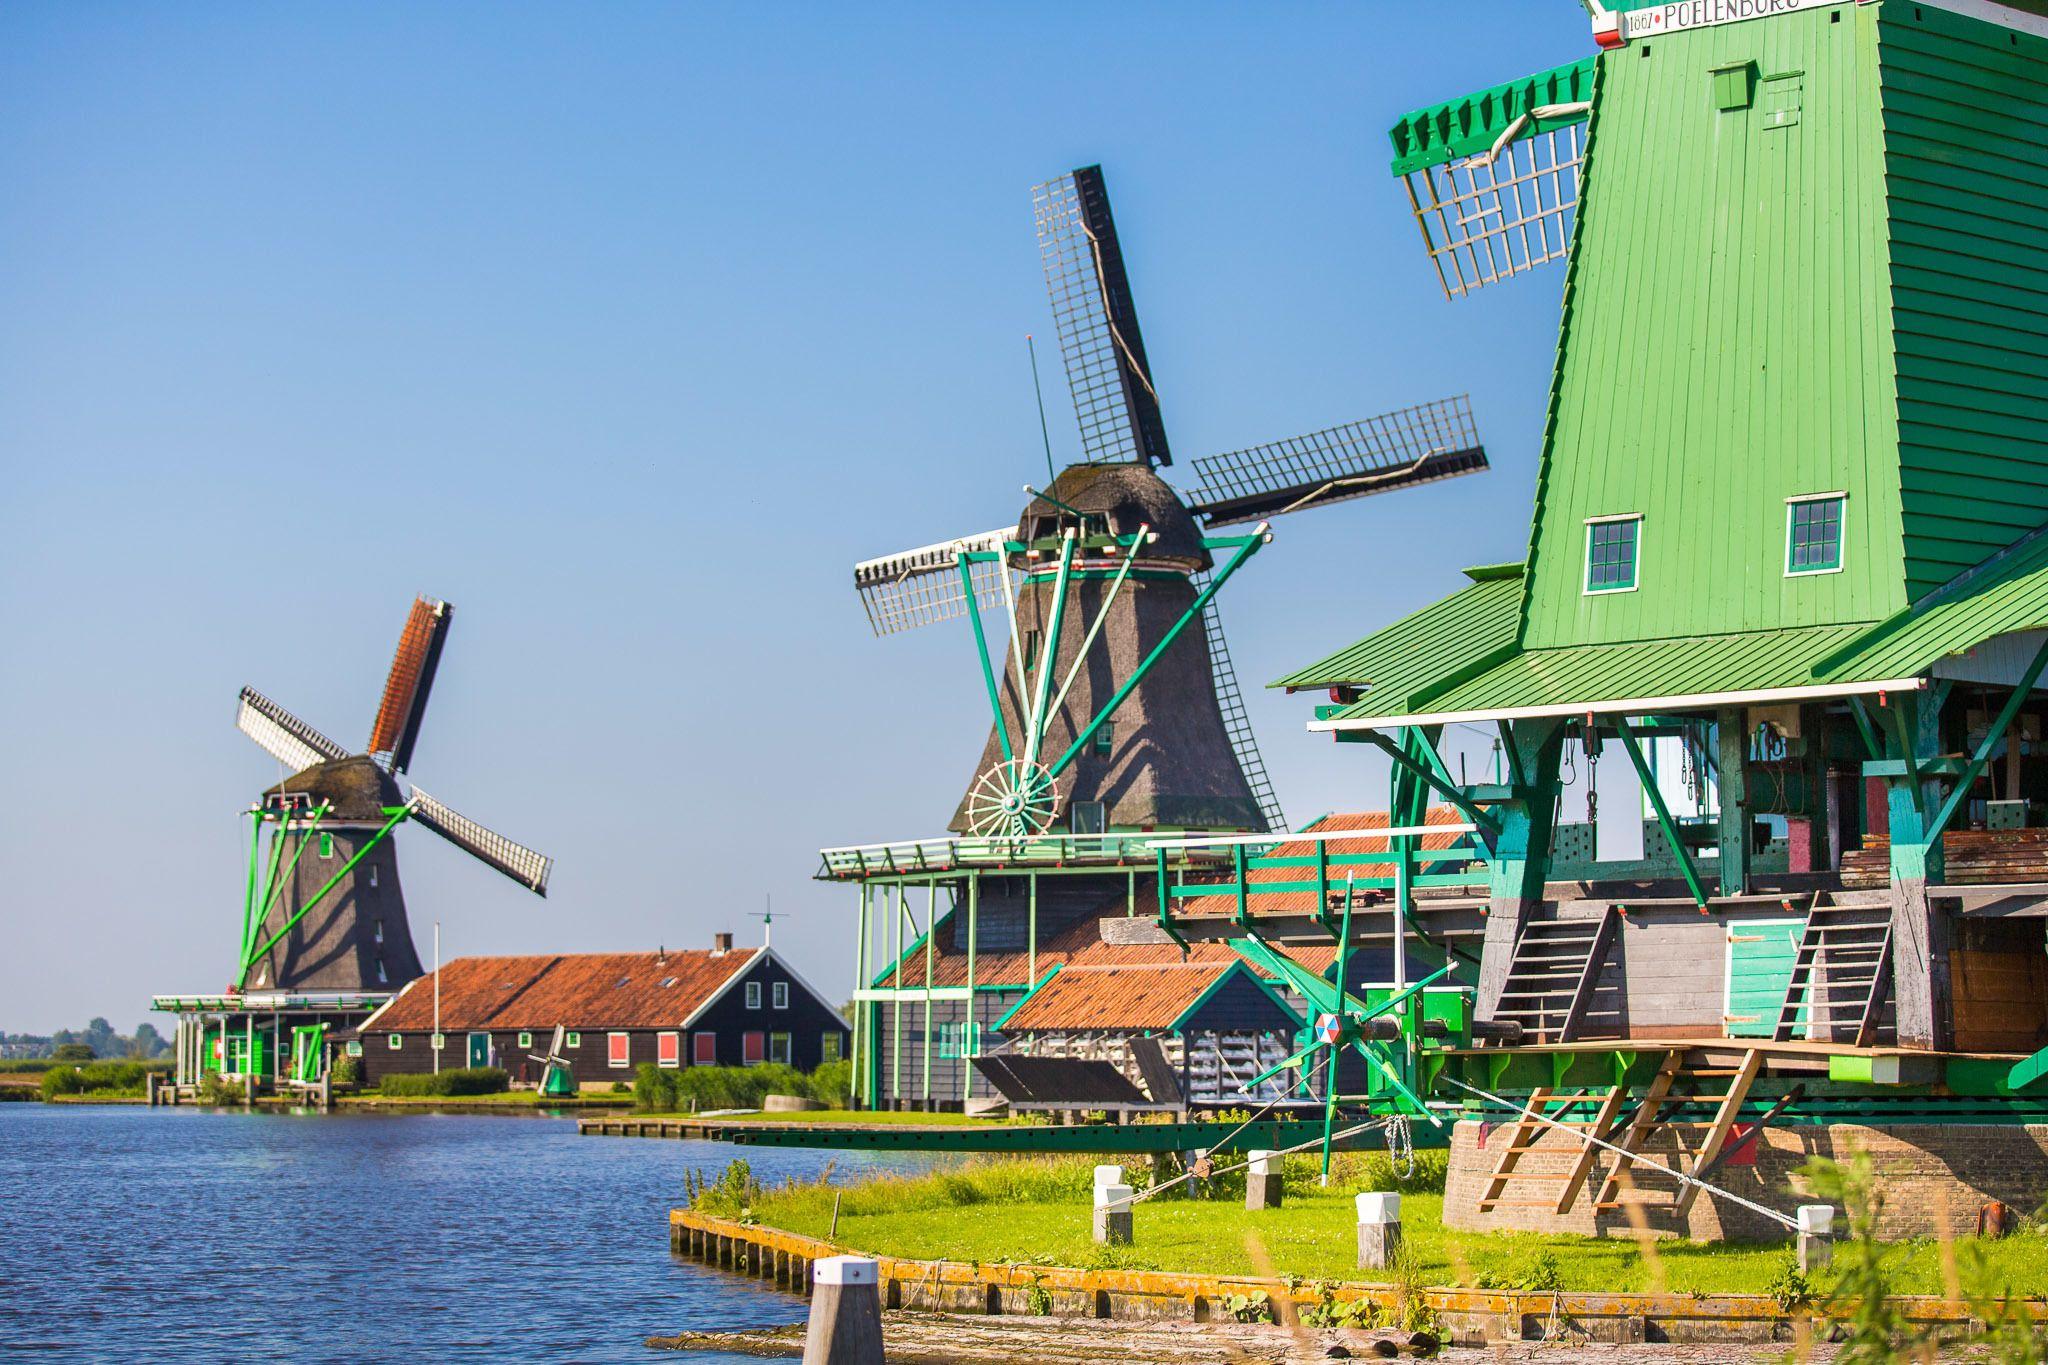 Visita por la campiña neerlandesa con molinos de viento, Volendam y Marken